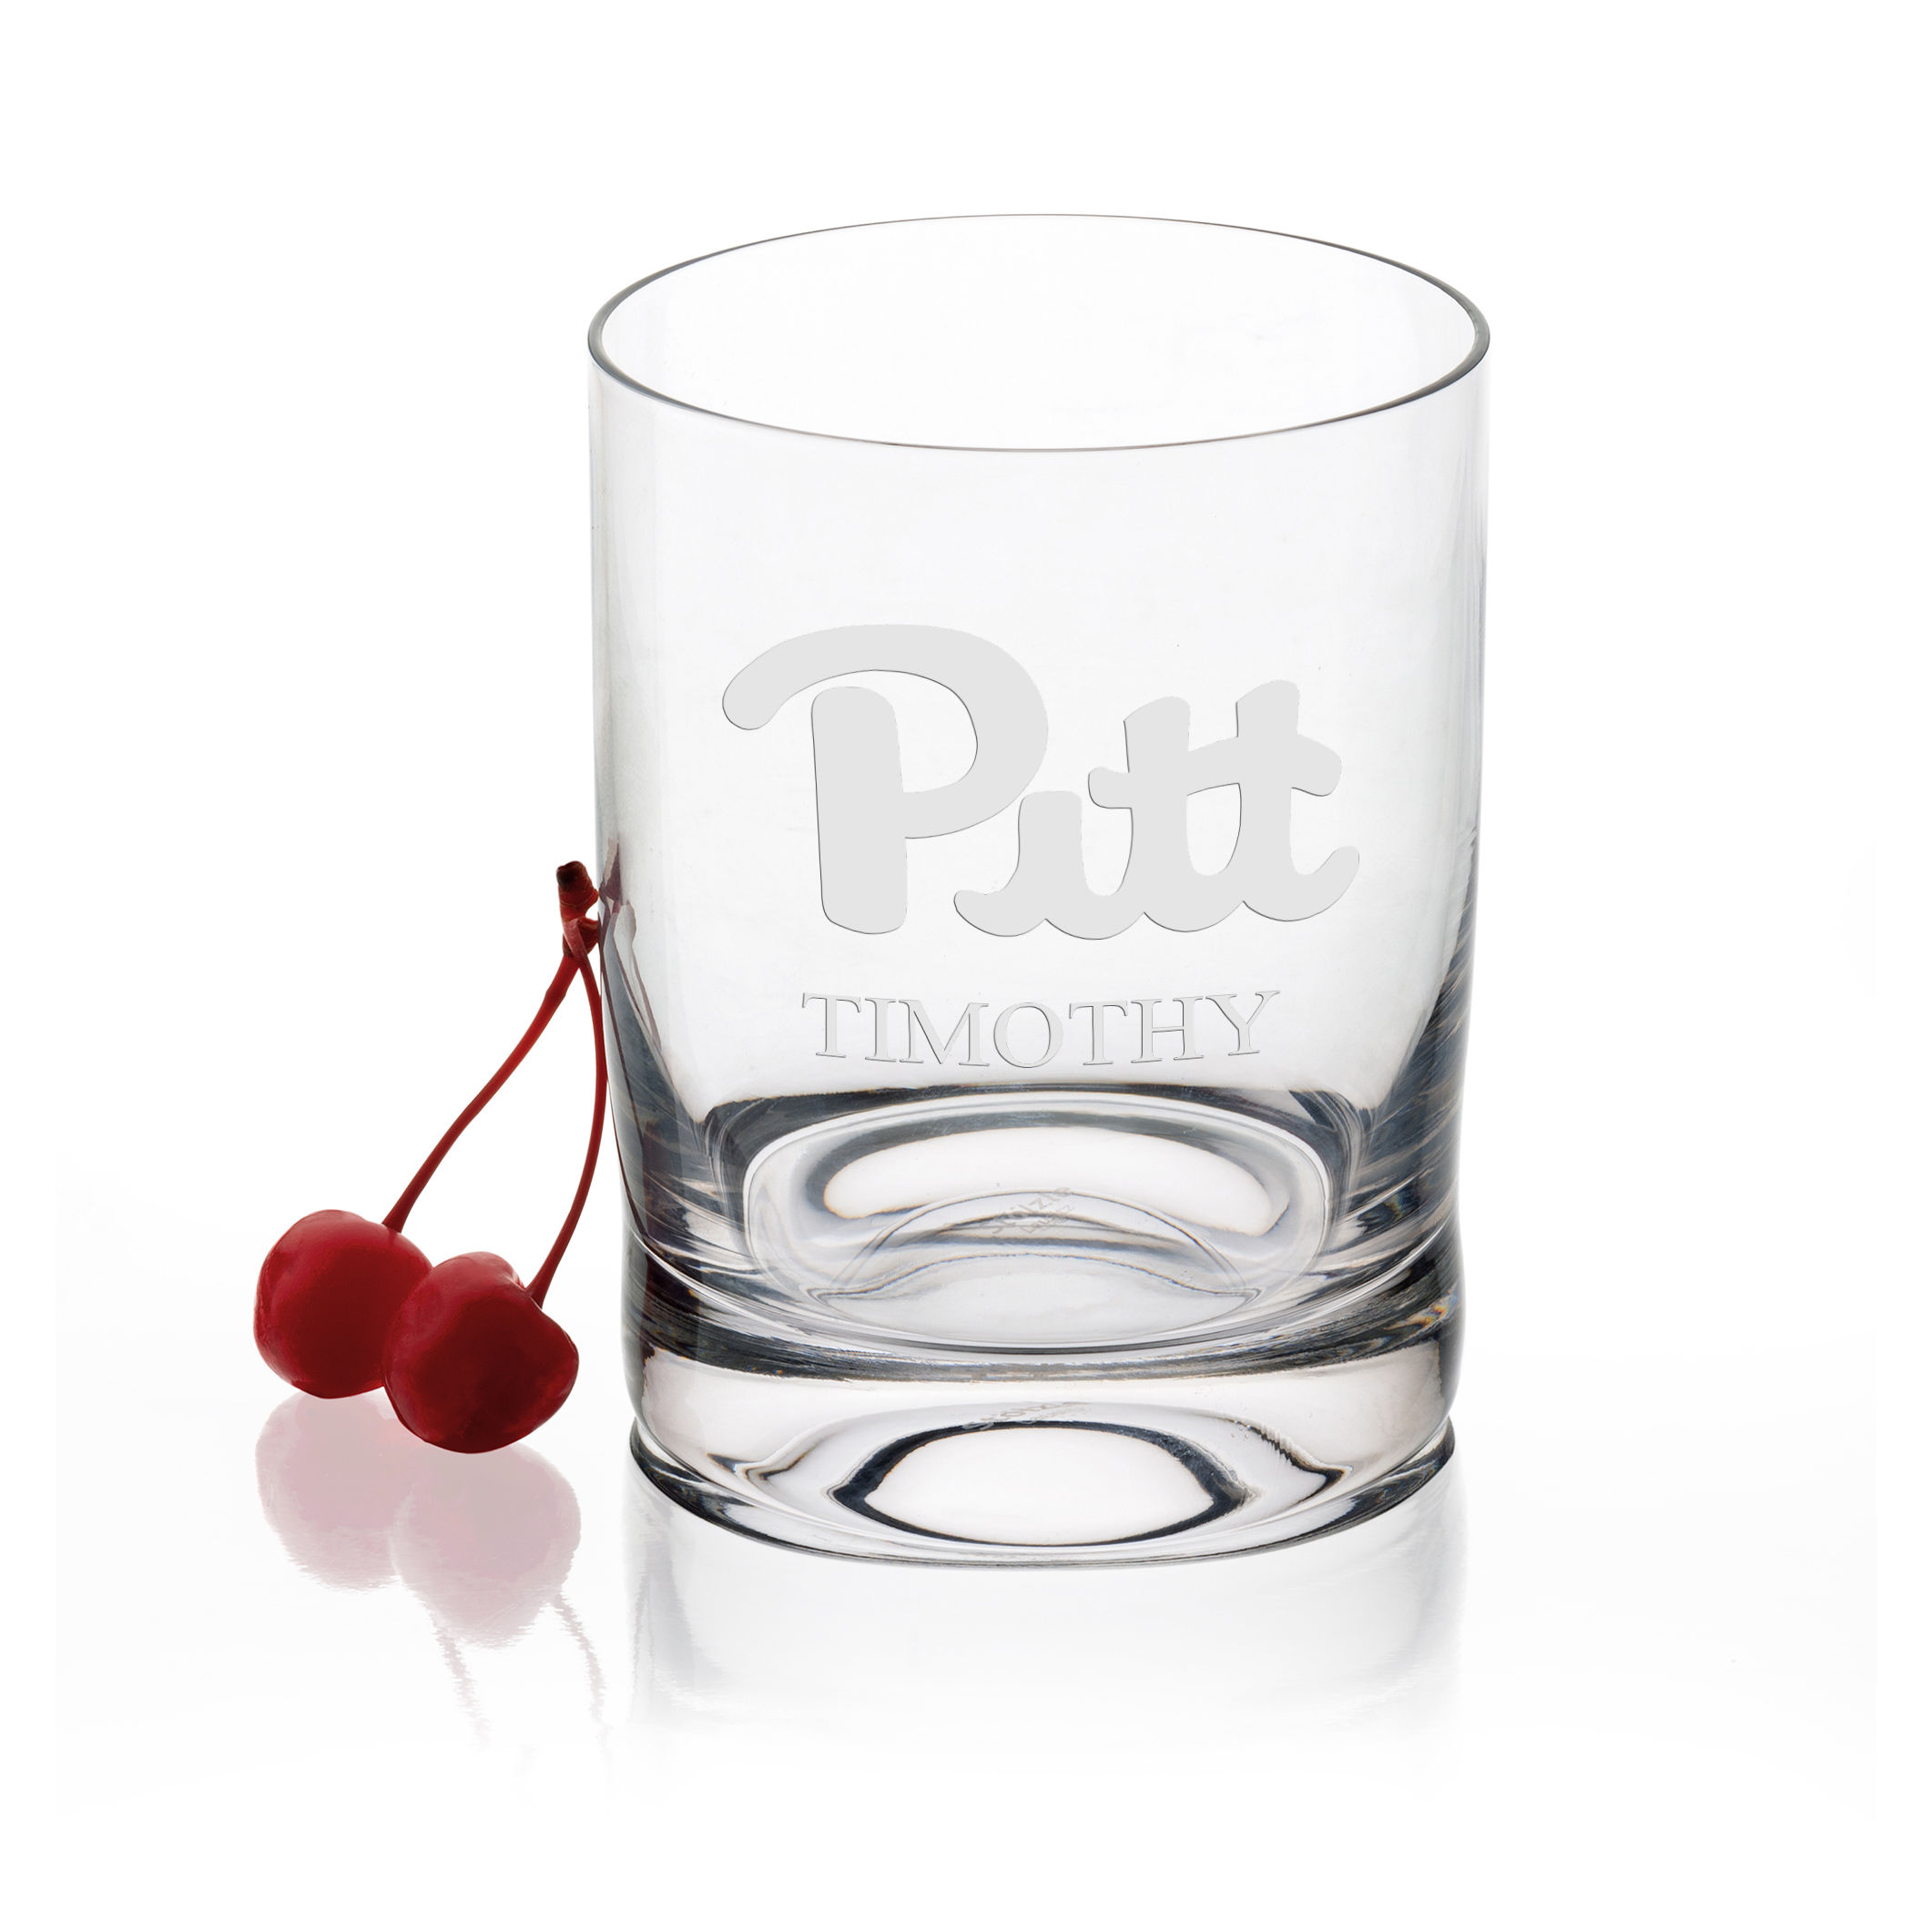 Pitt Tumbler Glasses - Set of 4